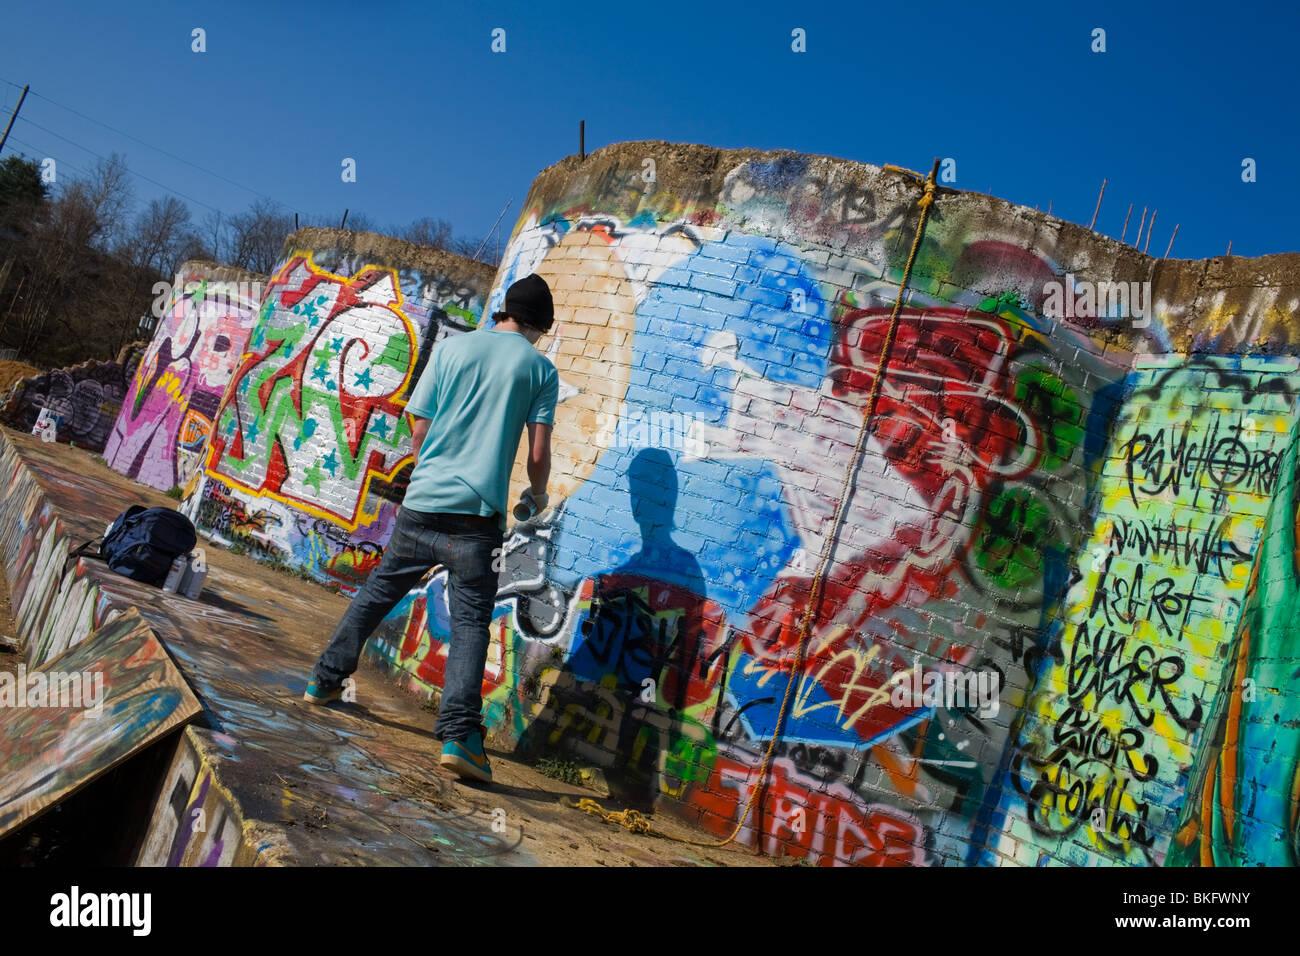 Graffiti artist tagging near railroad tracks, River Arts District, Asheville, North Carolina - Stock Image